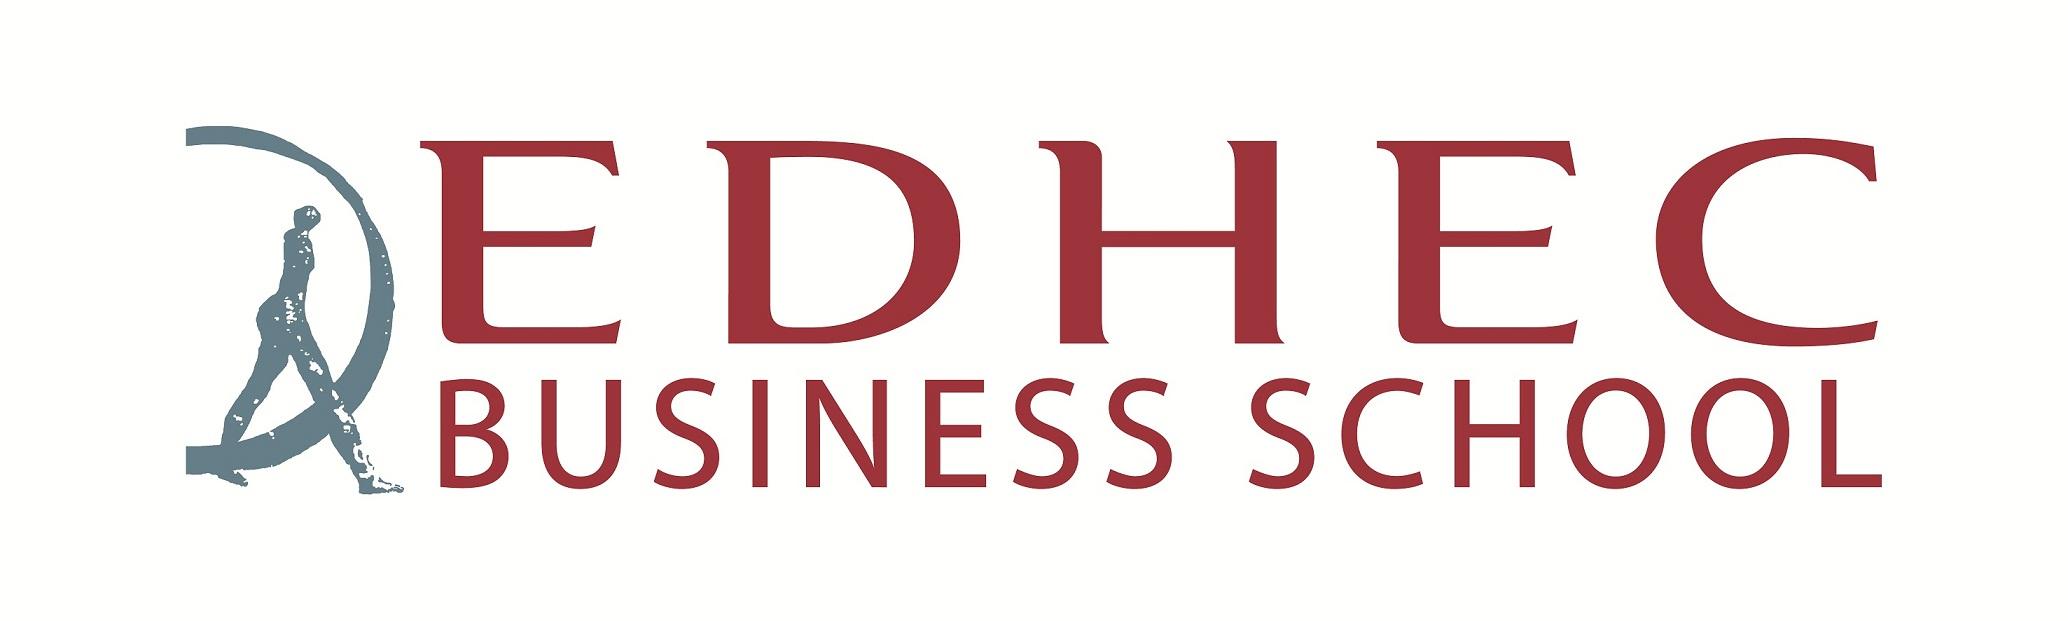 Nathalie Baudoin  rejoint le Groupe EDHEC en tant que Directrice de la Communication Corporate